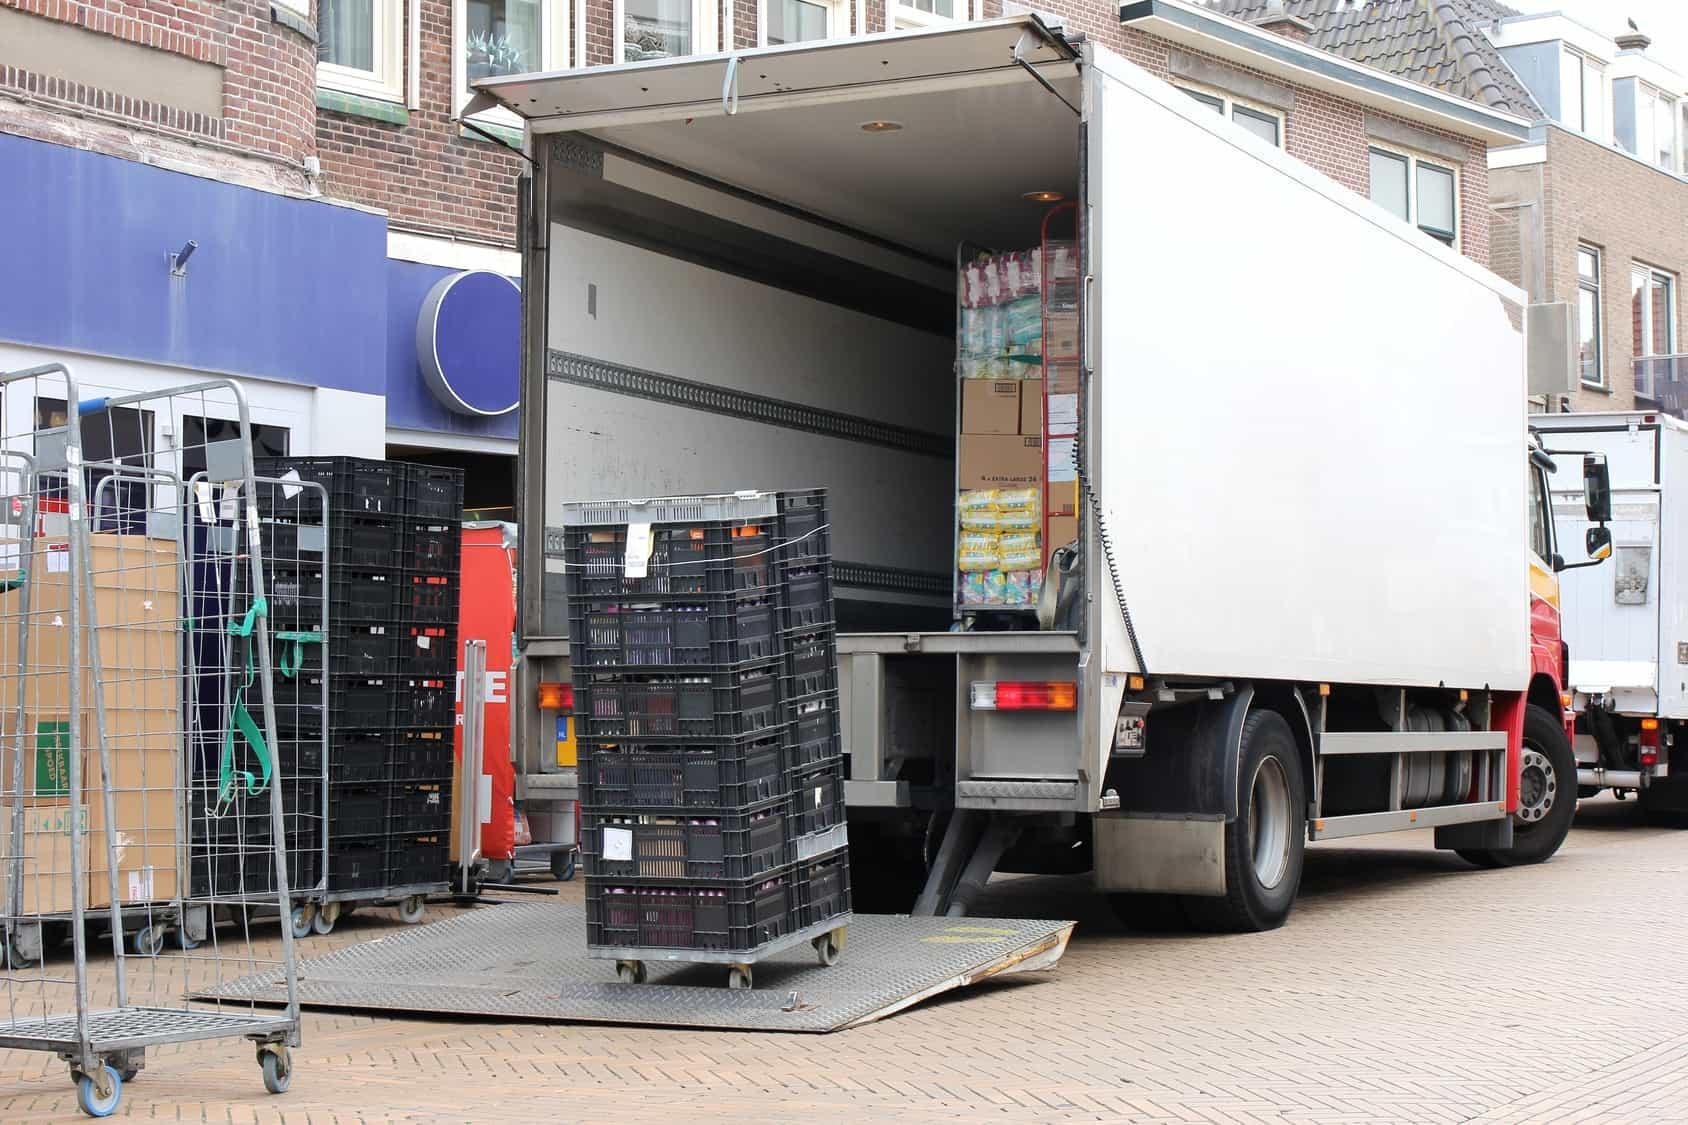 Belieferung einer Filiale mit kleinerem LKW mit Hebebühne